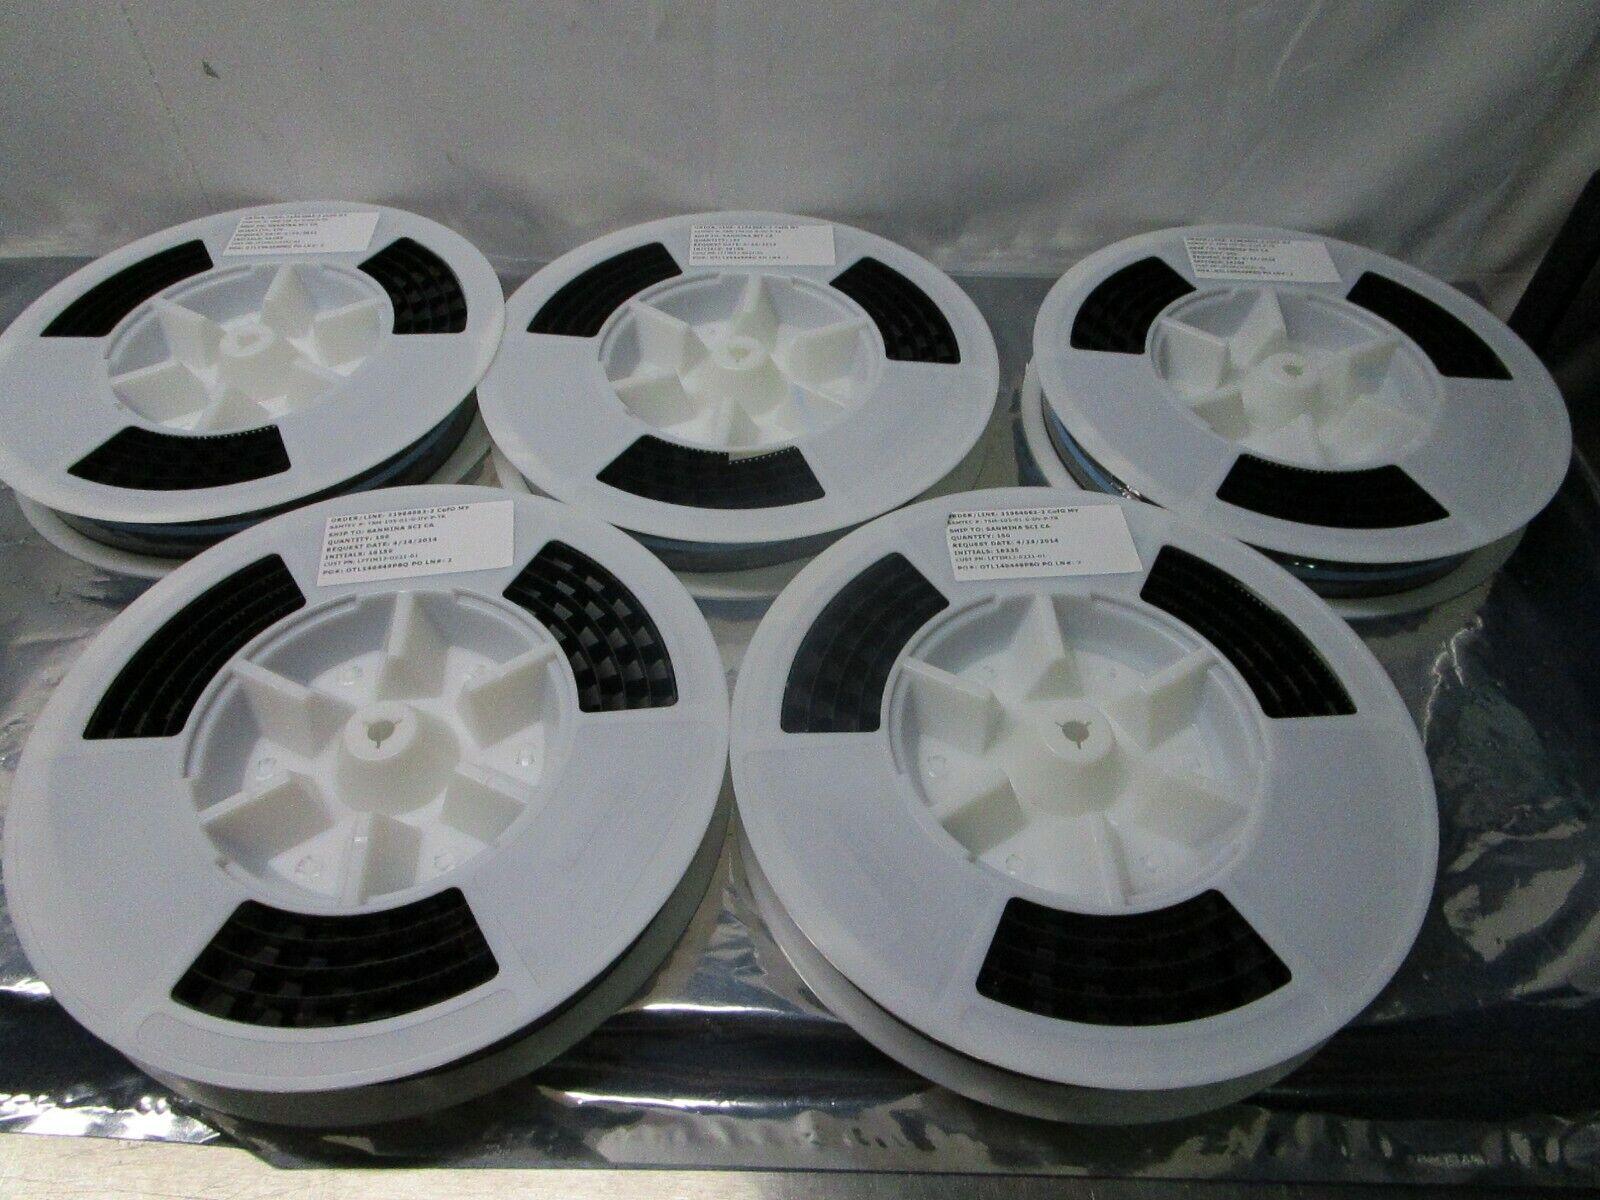 1 Lot of 750 Samtec TSM-105-01-G-DV-P-TR Conn Unshrouded Header, 102436